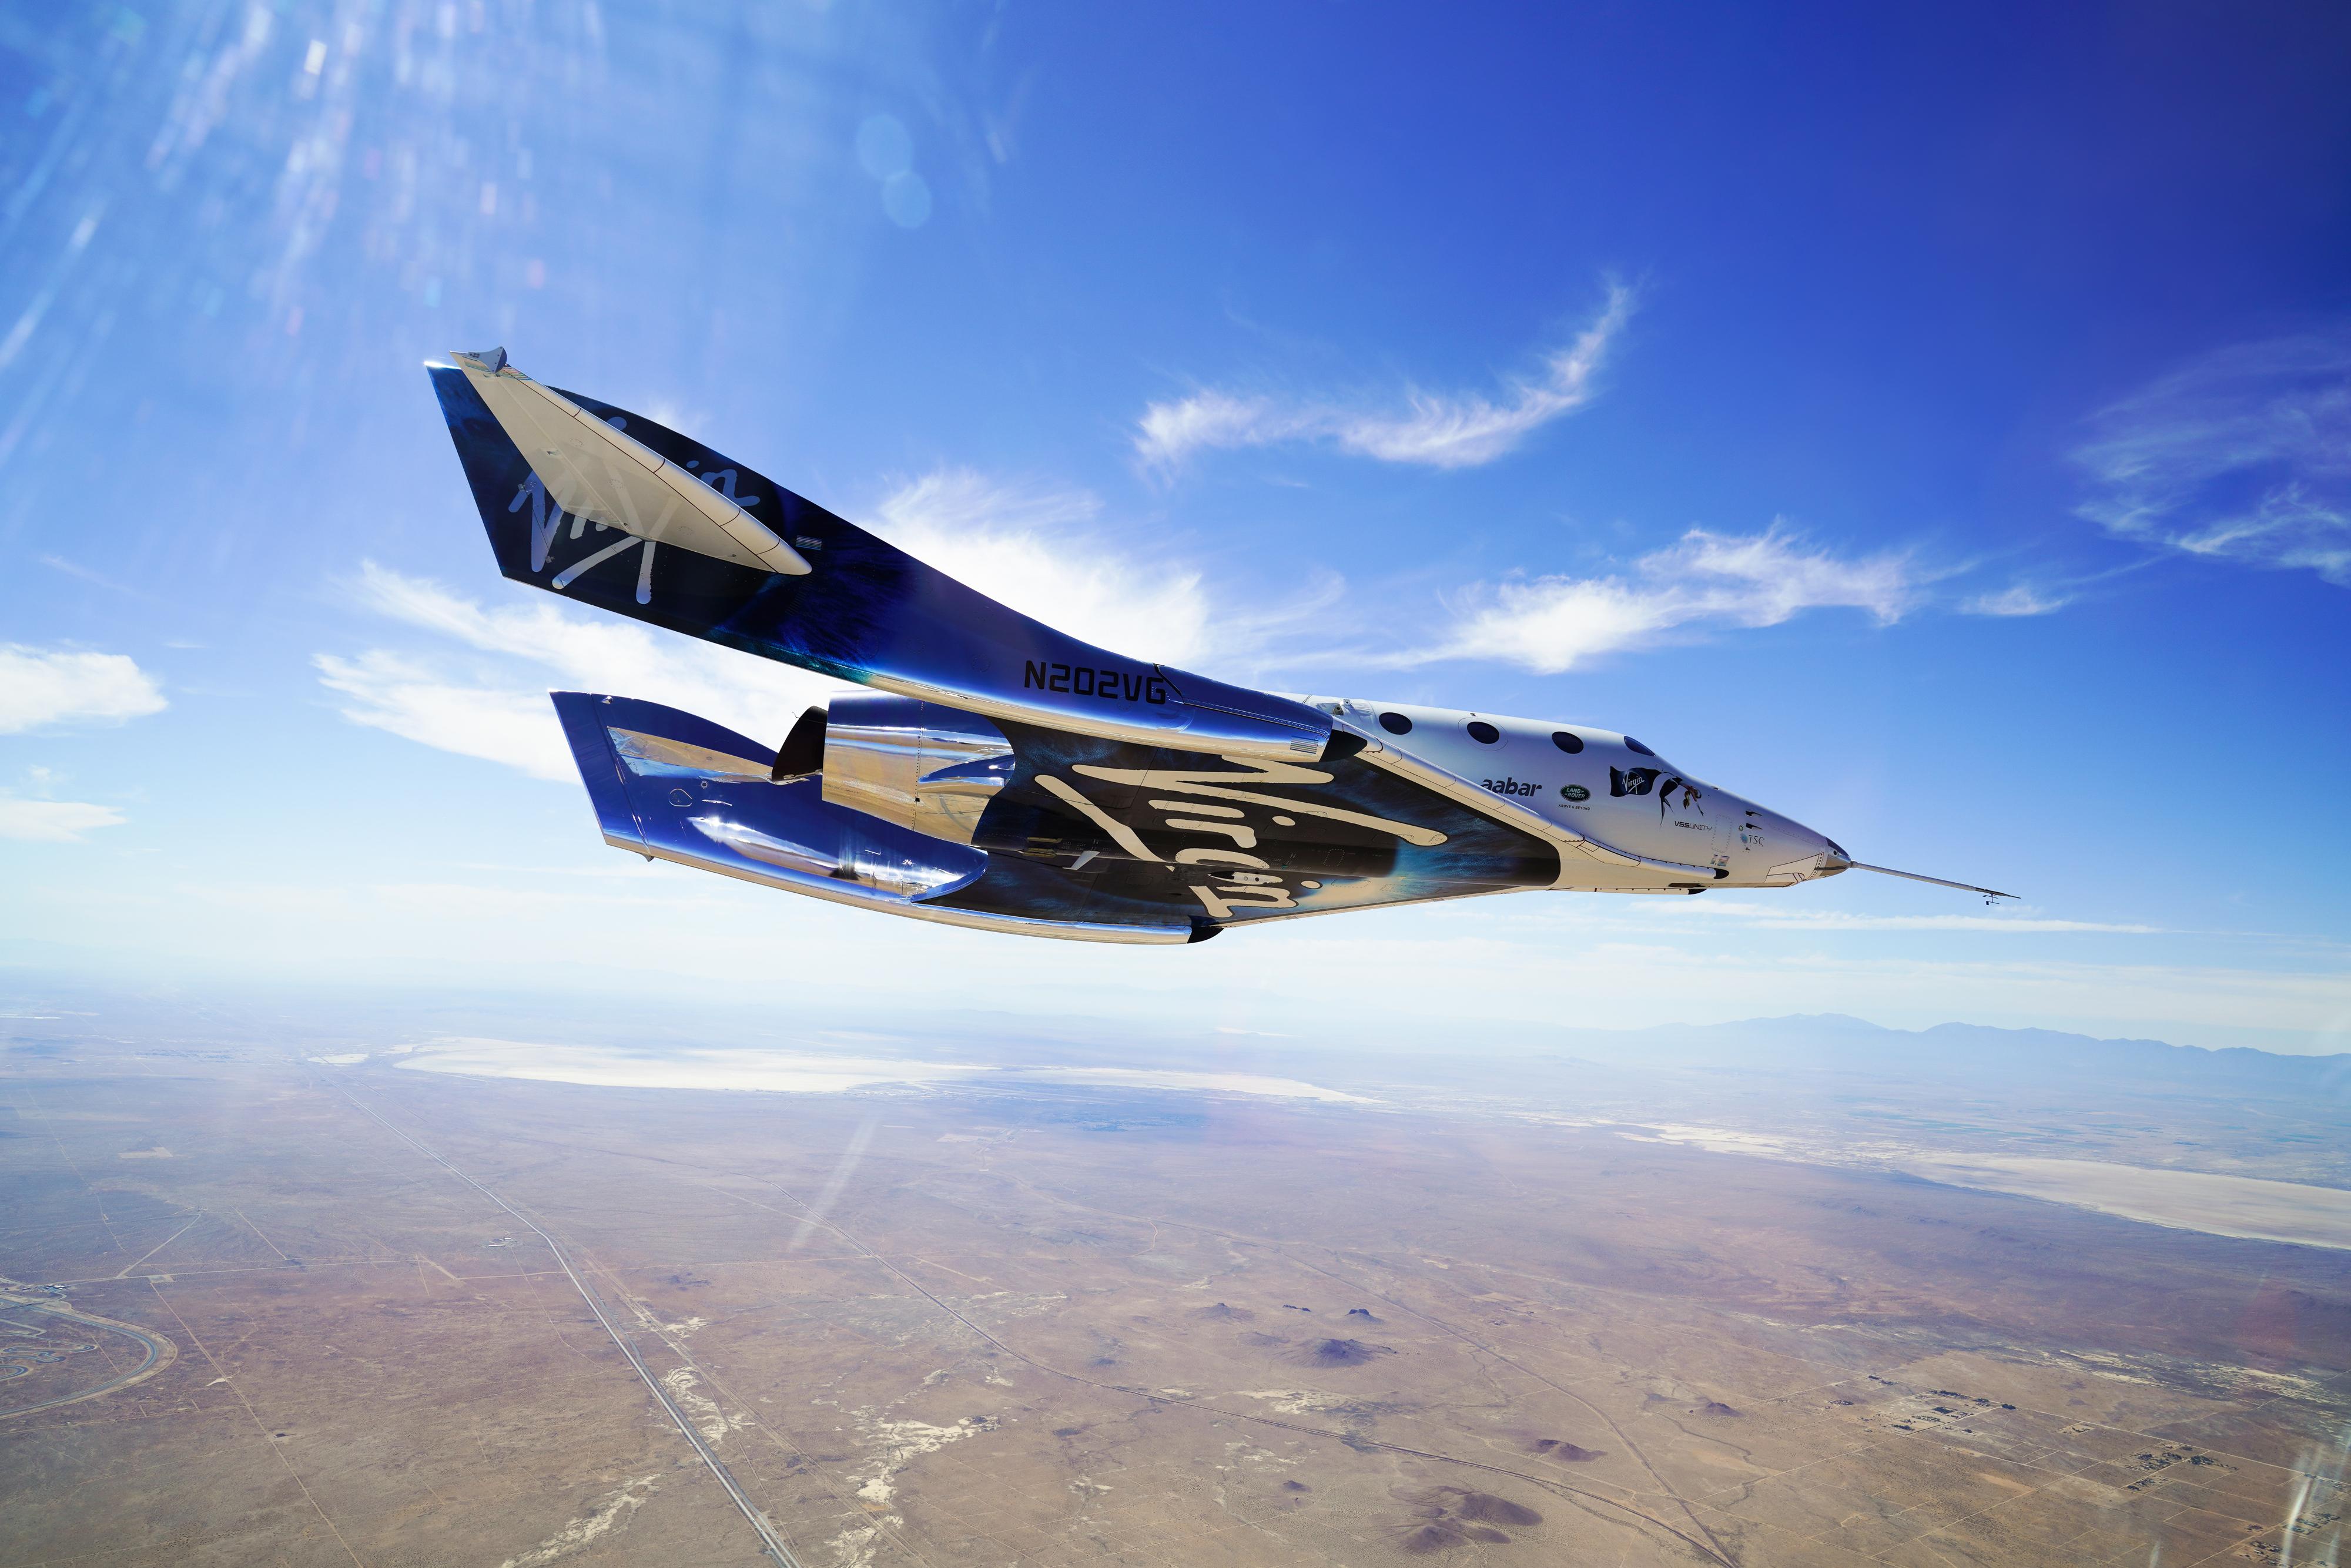 Le SpaceShipTwo de Virgin Galactic, également appelé VSS Unity, revient sur Terre après un vol d'essai supersonique le 29 mai 2018. La société a révélé le 25 février 2021 que son vol d'essai 2021 pour le véhicule serait retardé, tout comme les vols touristiques.